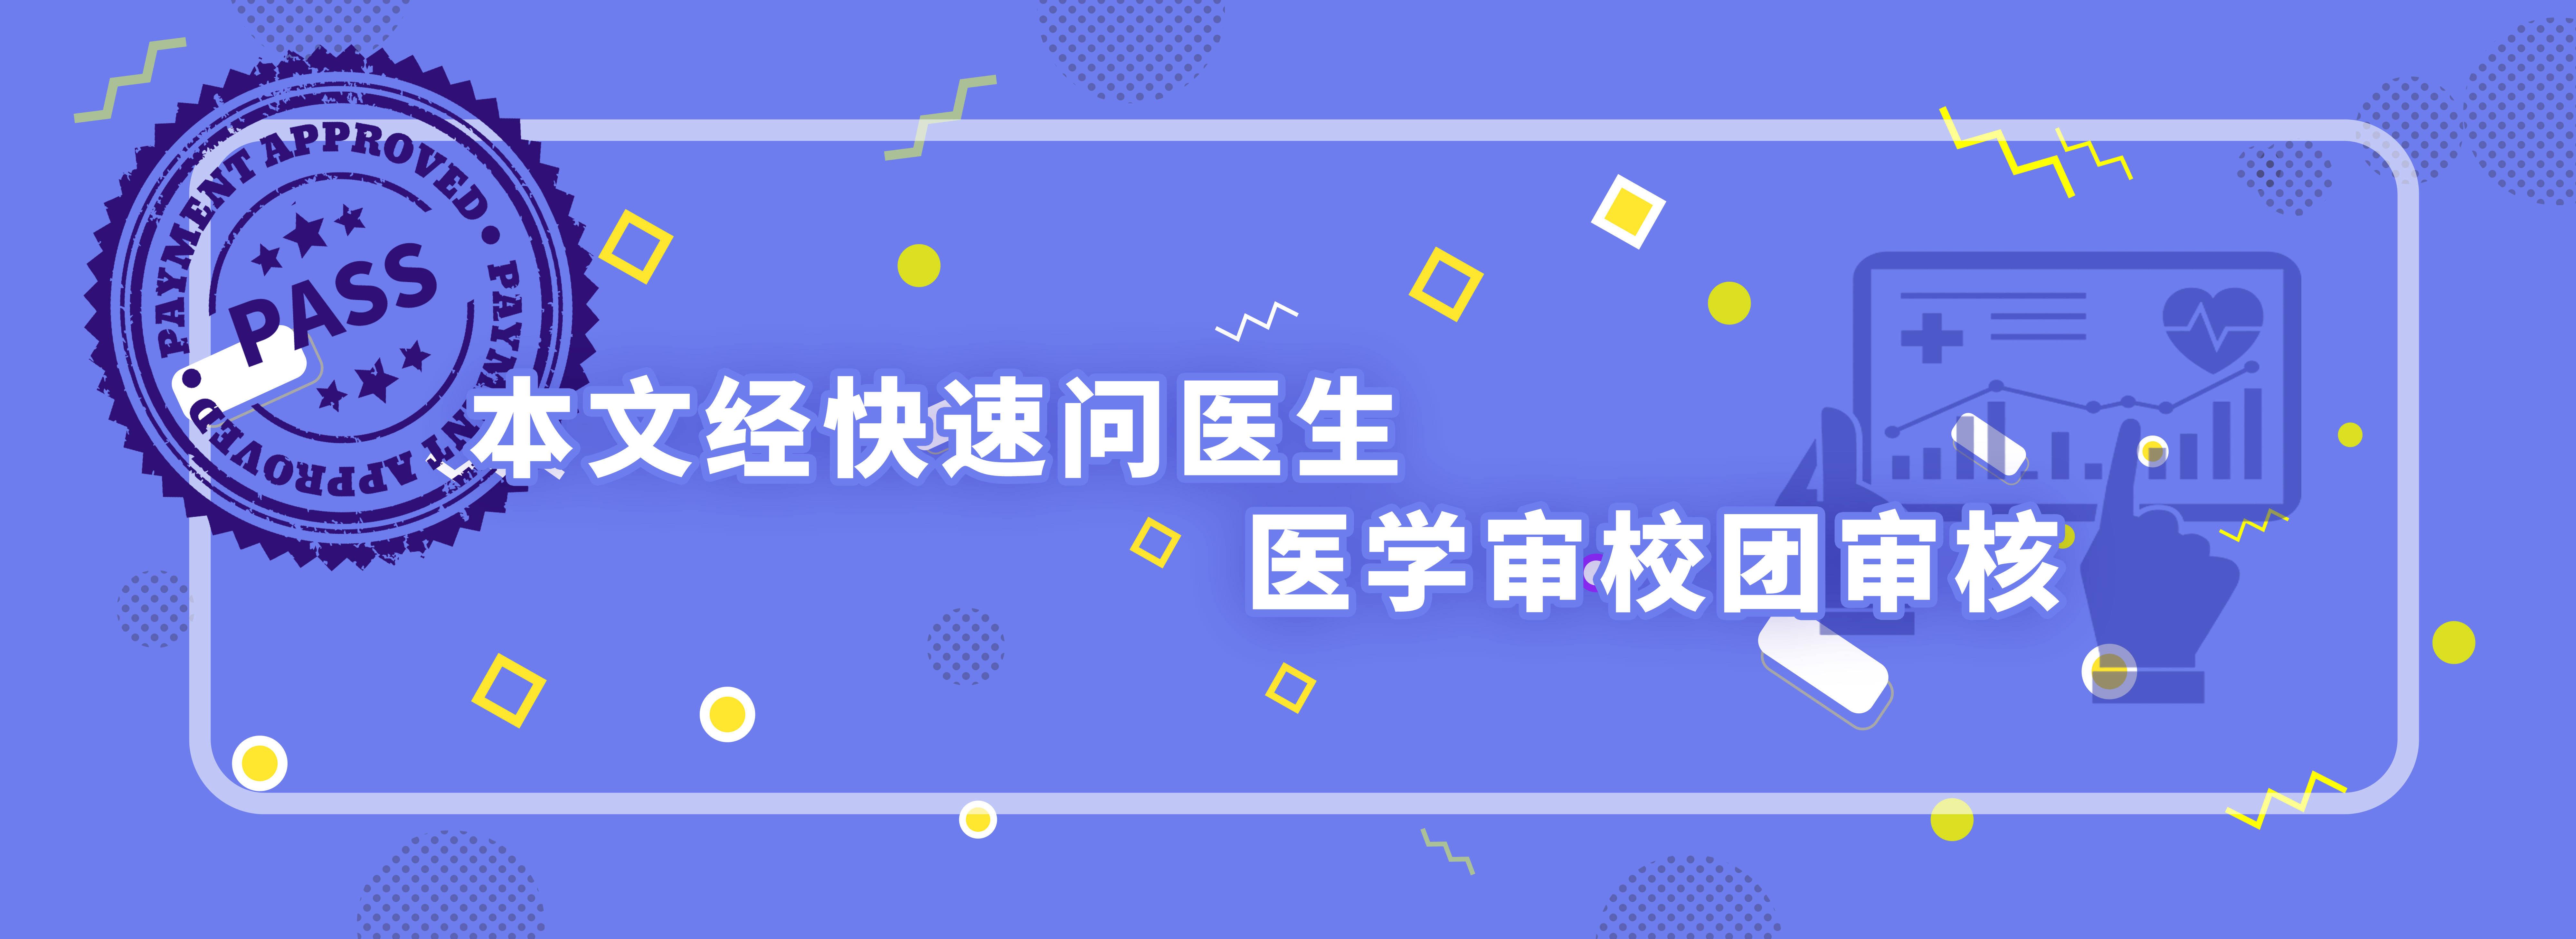 中国2020年新增癌症457万人?真正的抗癌食品,只有4个字